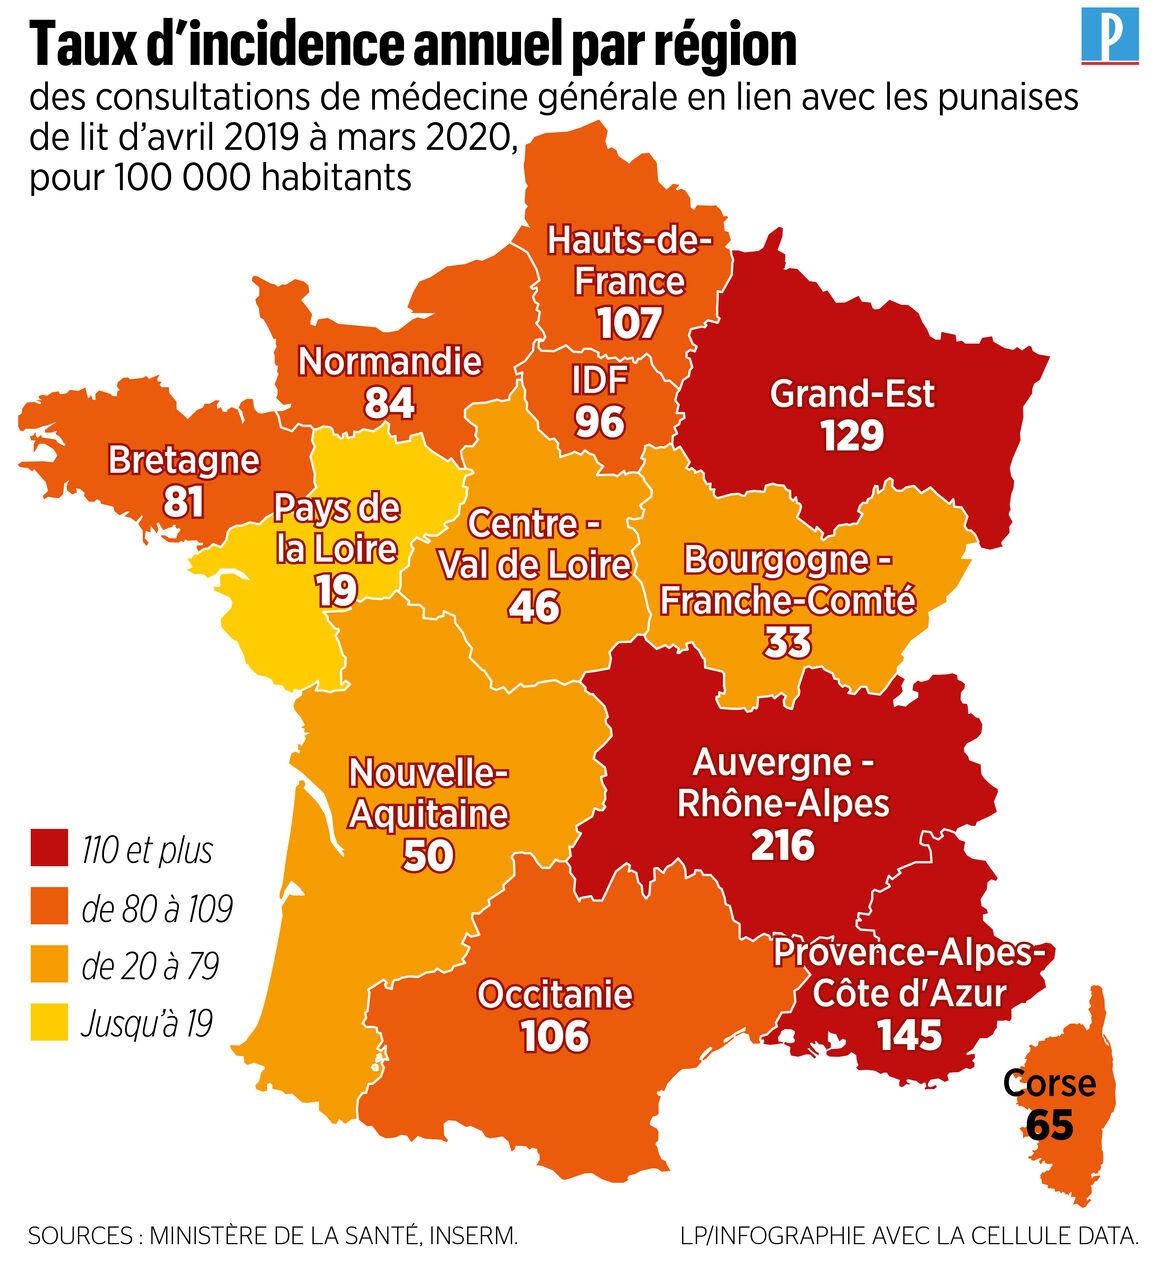 Punaises De Lit Voici La Carte Des Regions De France Les Plus Touchees Le Parisien